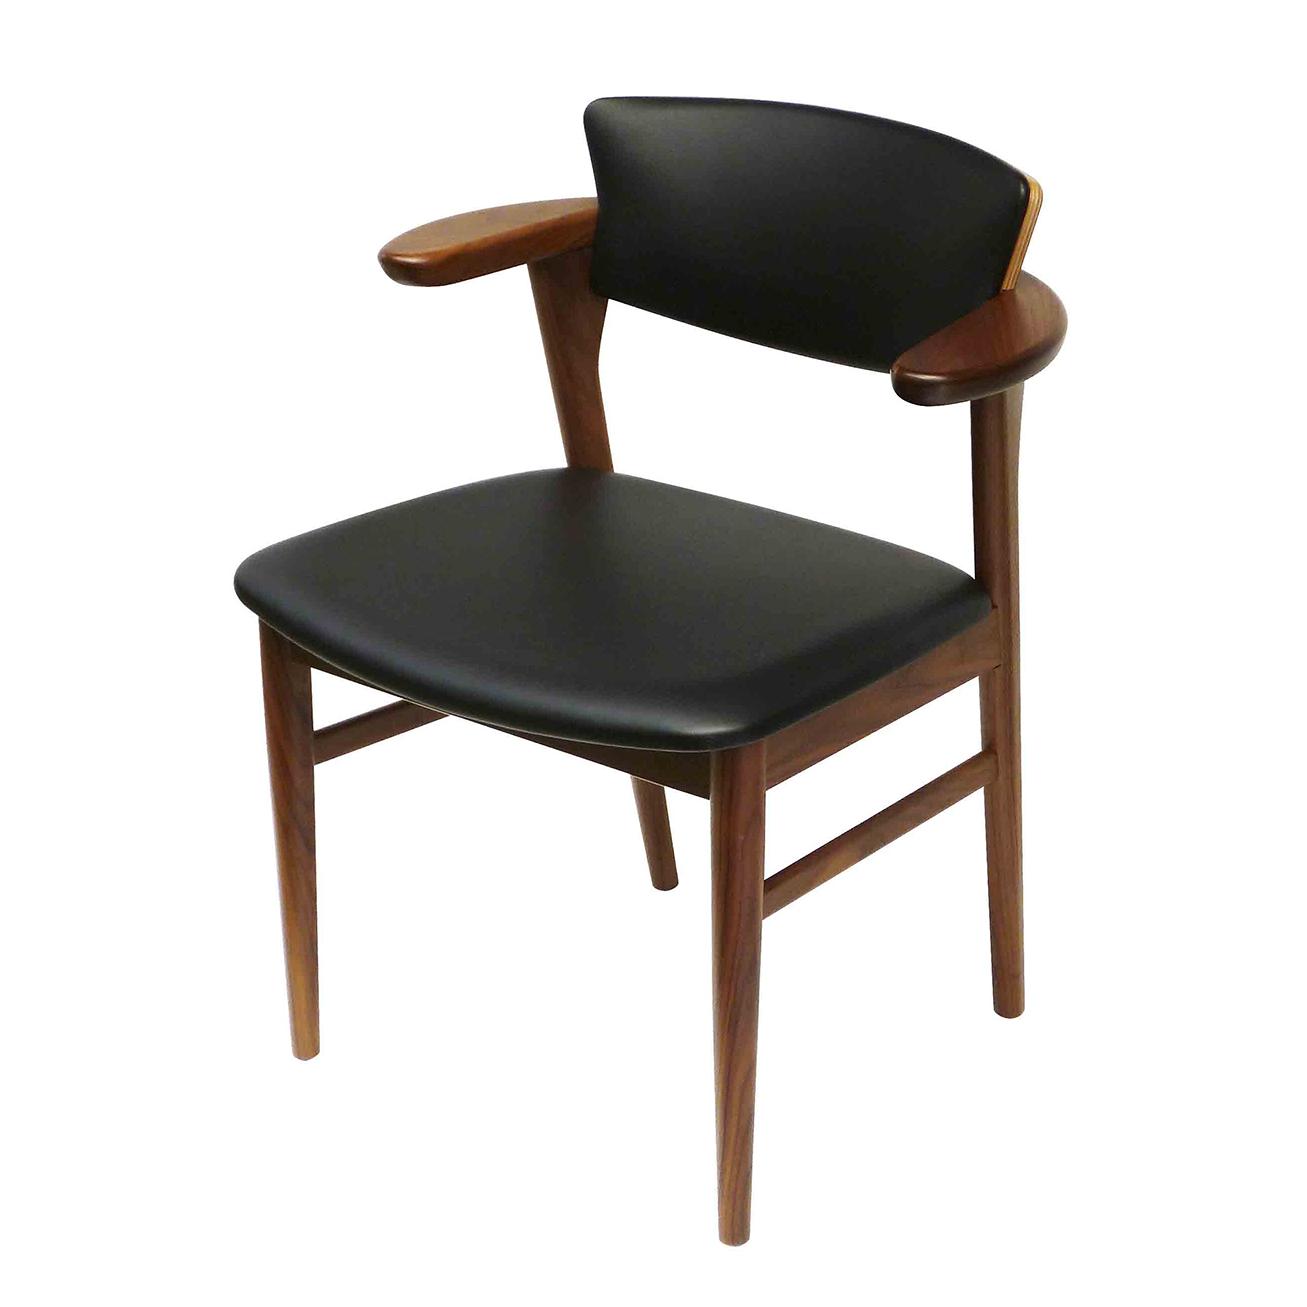 腰の椅子 Awaza LD チェア ウォールナット 座面革張 036DW-L